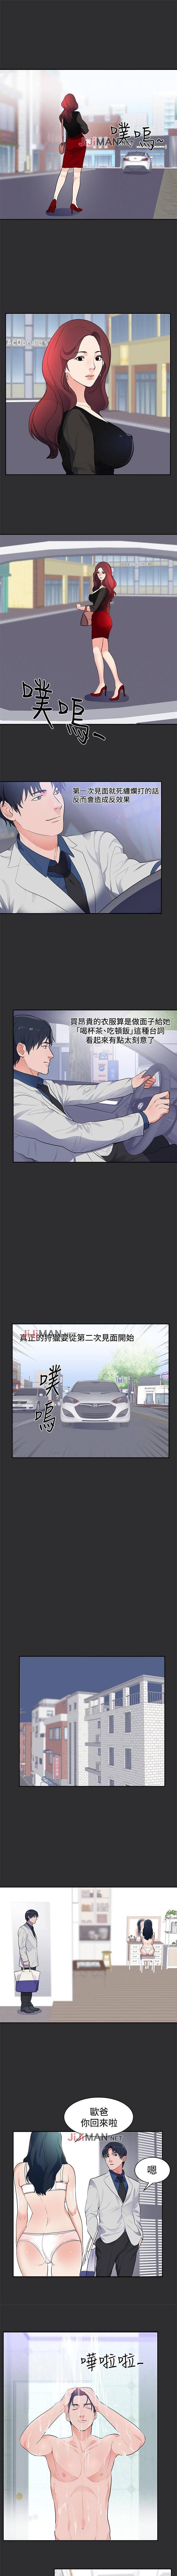 【已完结】性癖好(作者:主寧 & 洗髮精) 第1~30话 71